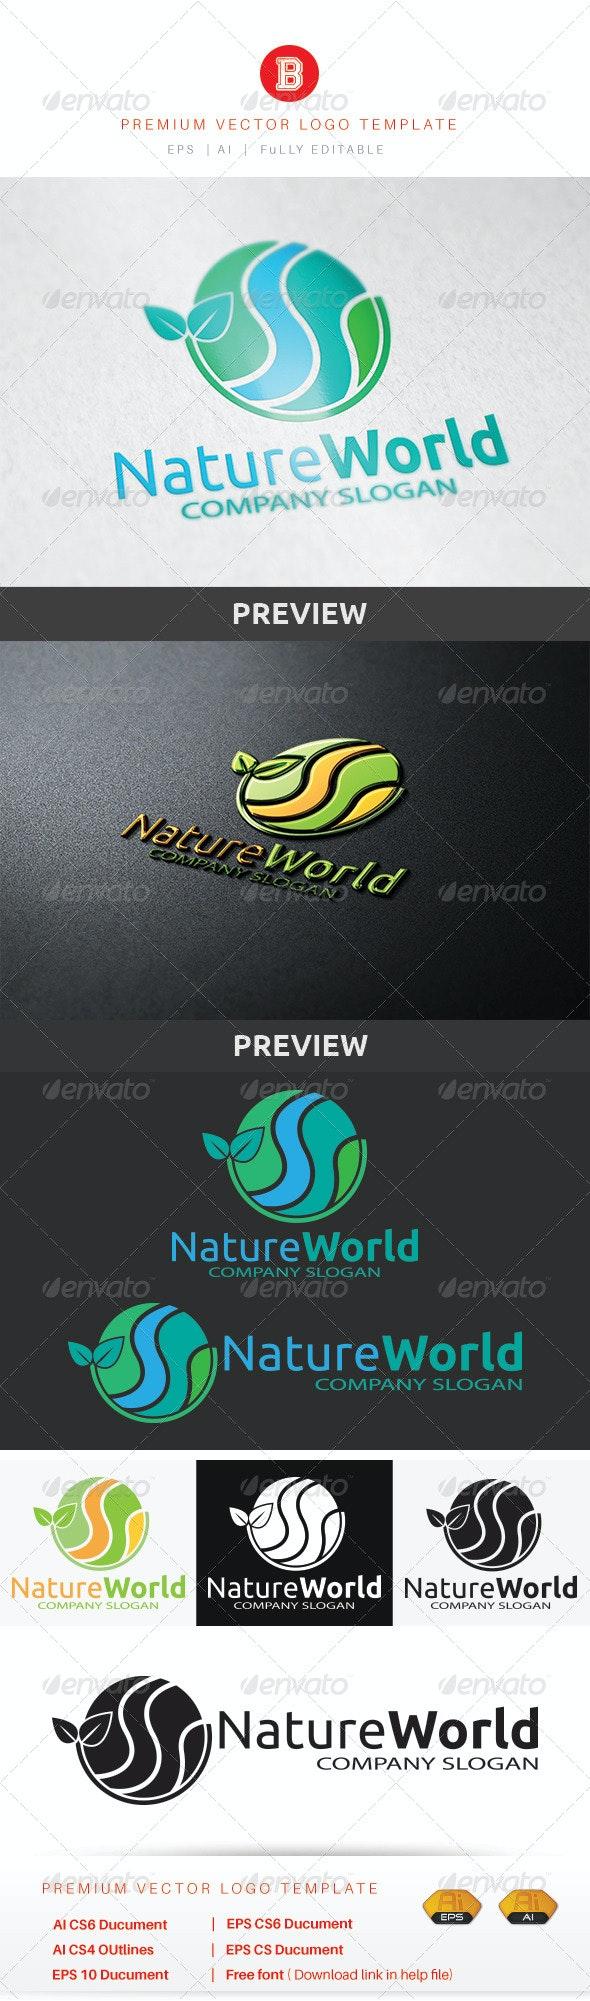 Nature World